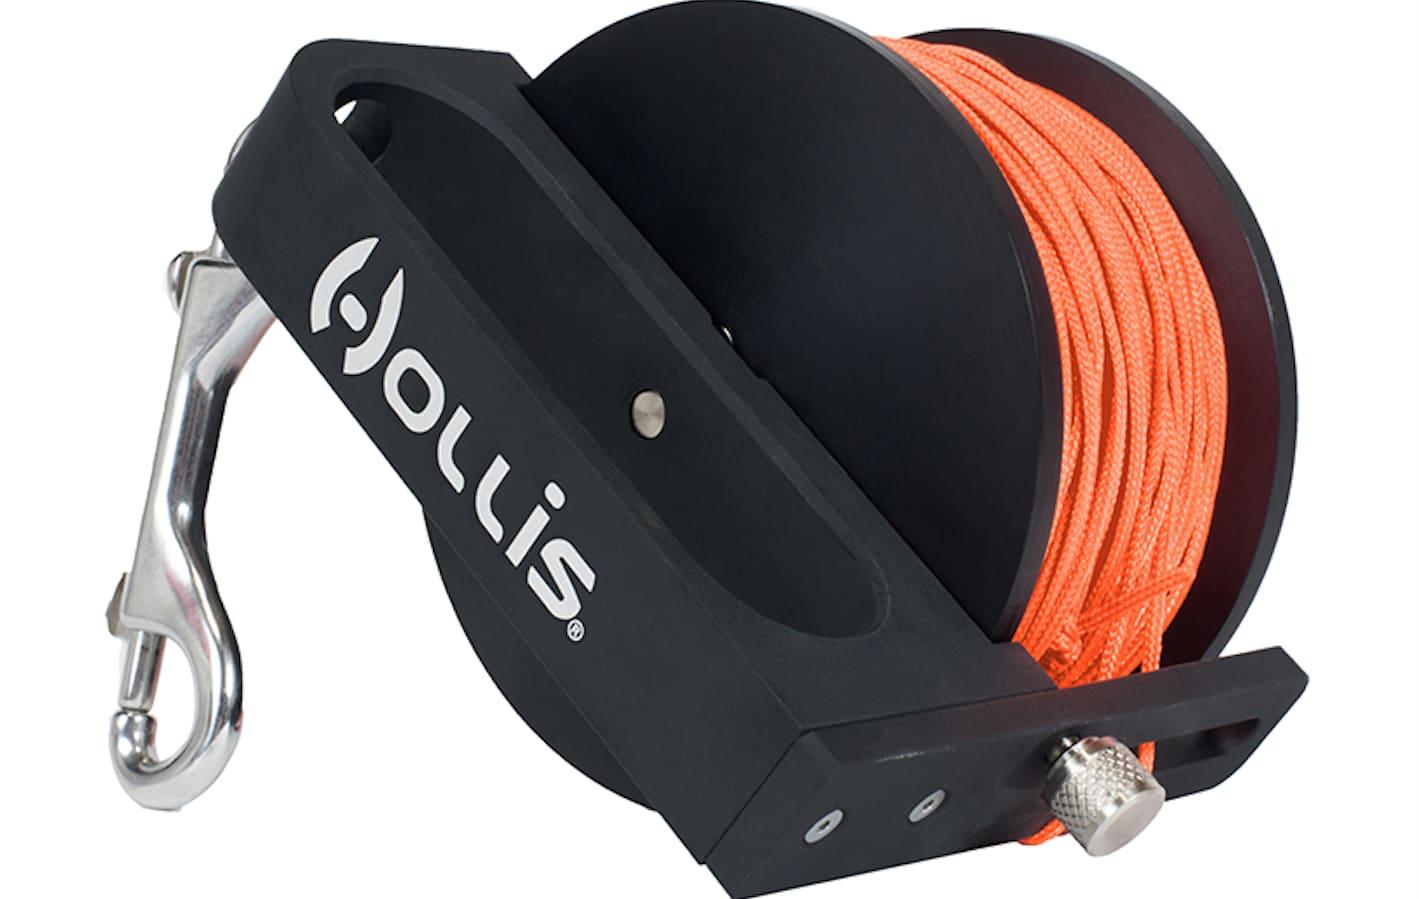 Hollis Introduces New Seeker Reels